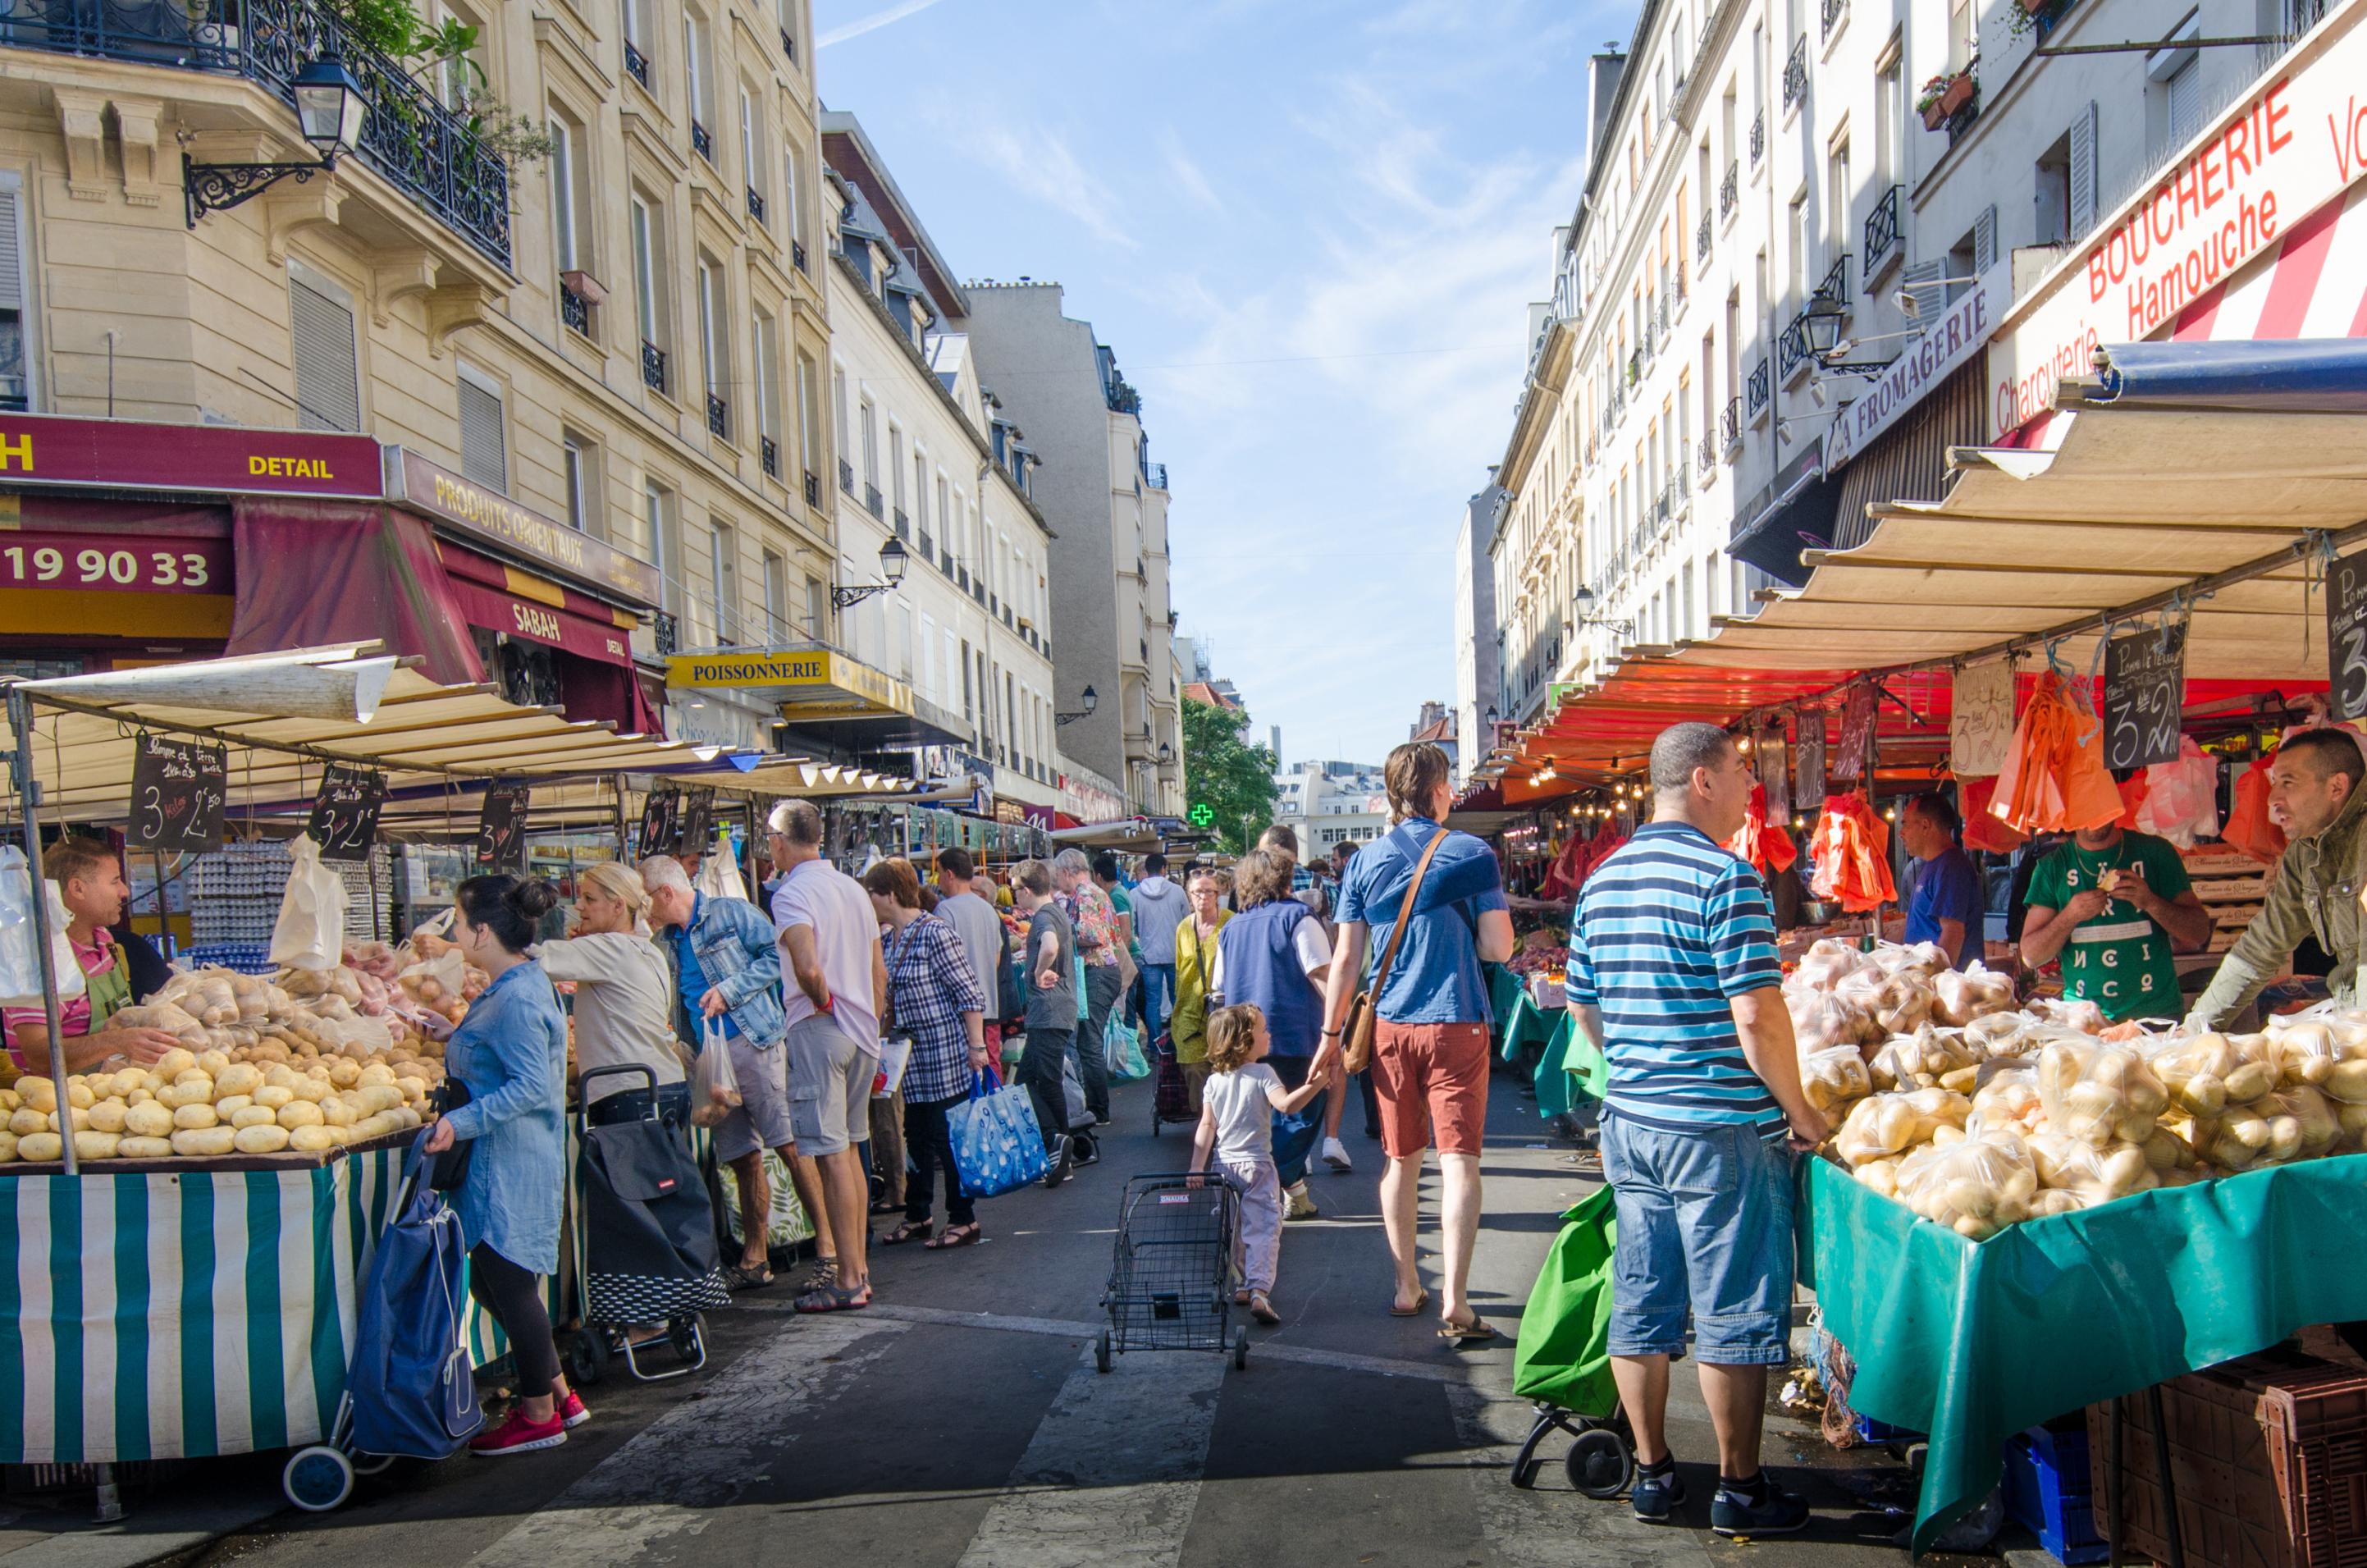 Car Rental Lafayette La >> Marché Bastille   Paris, France Restaurants - Lonely Planet